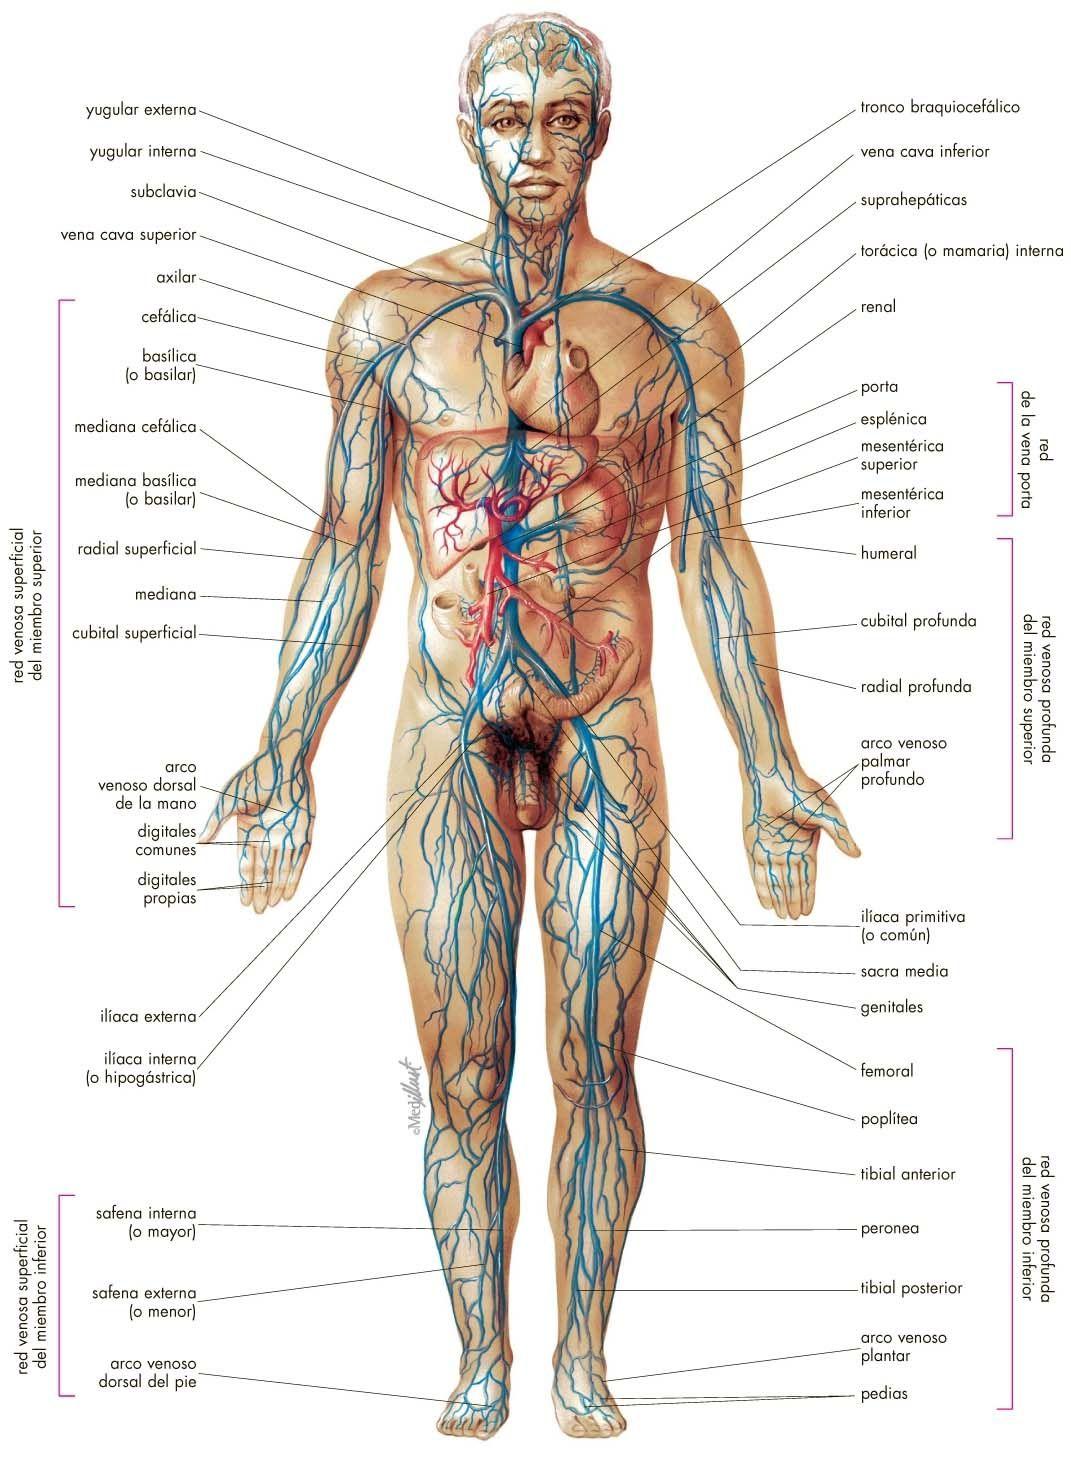 Sistema venoso - Venas del cuerpo. | Sistema cardio- circulatorio ...